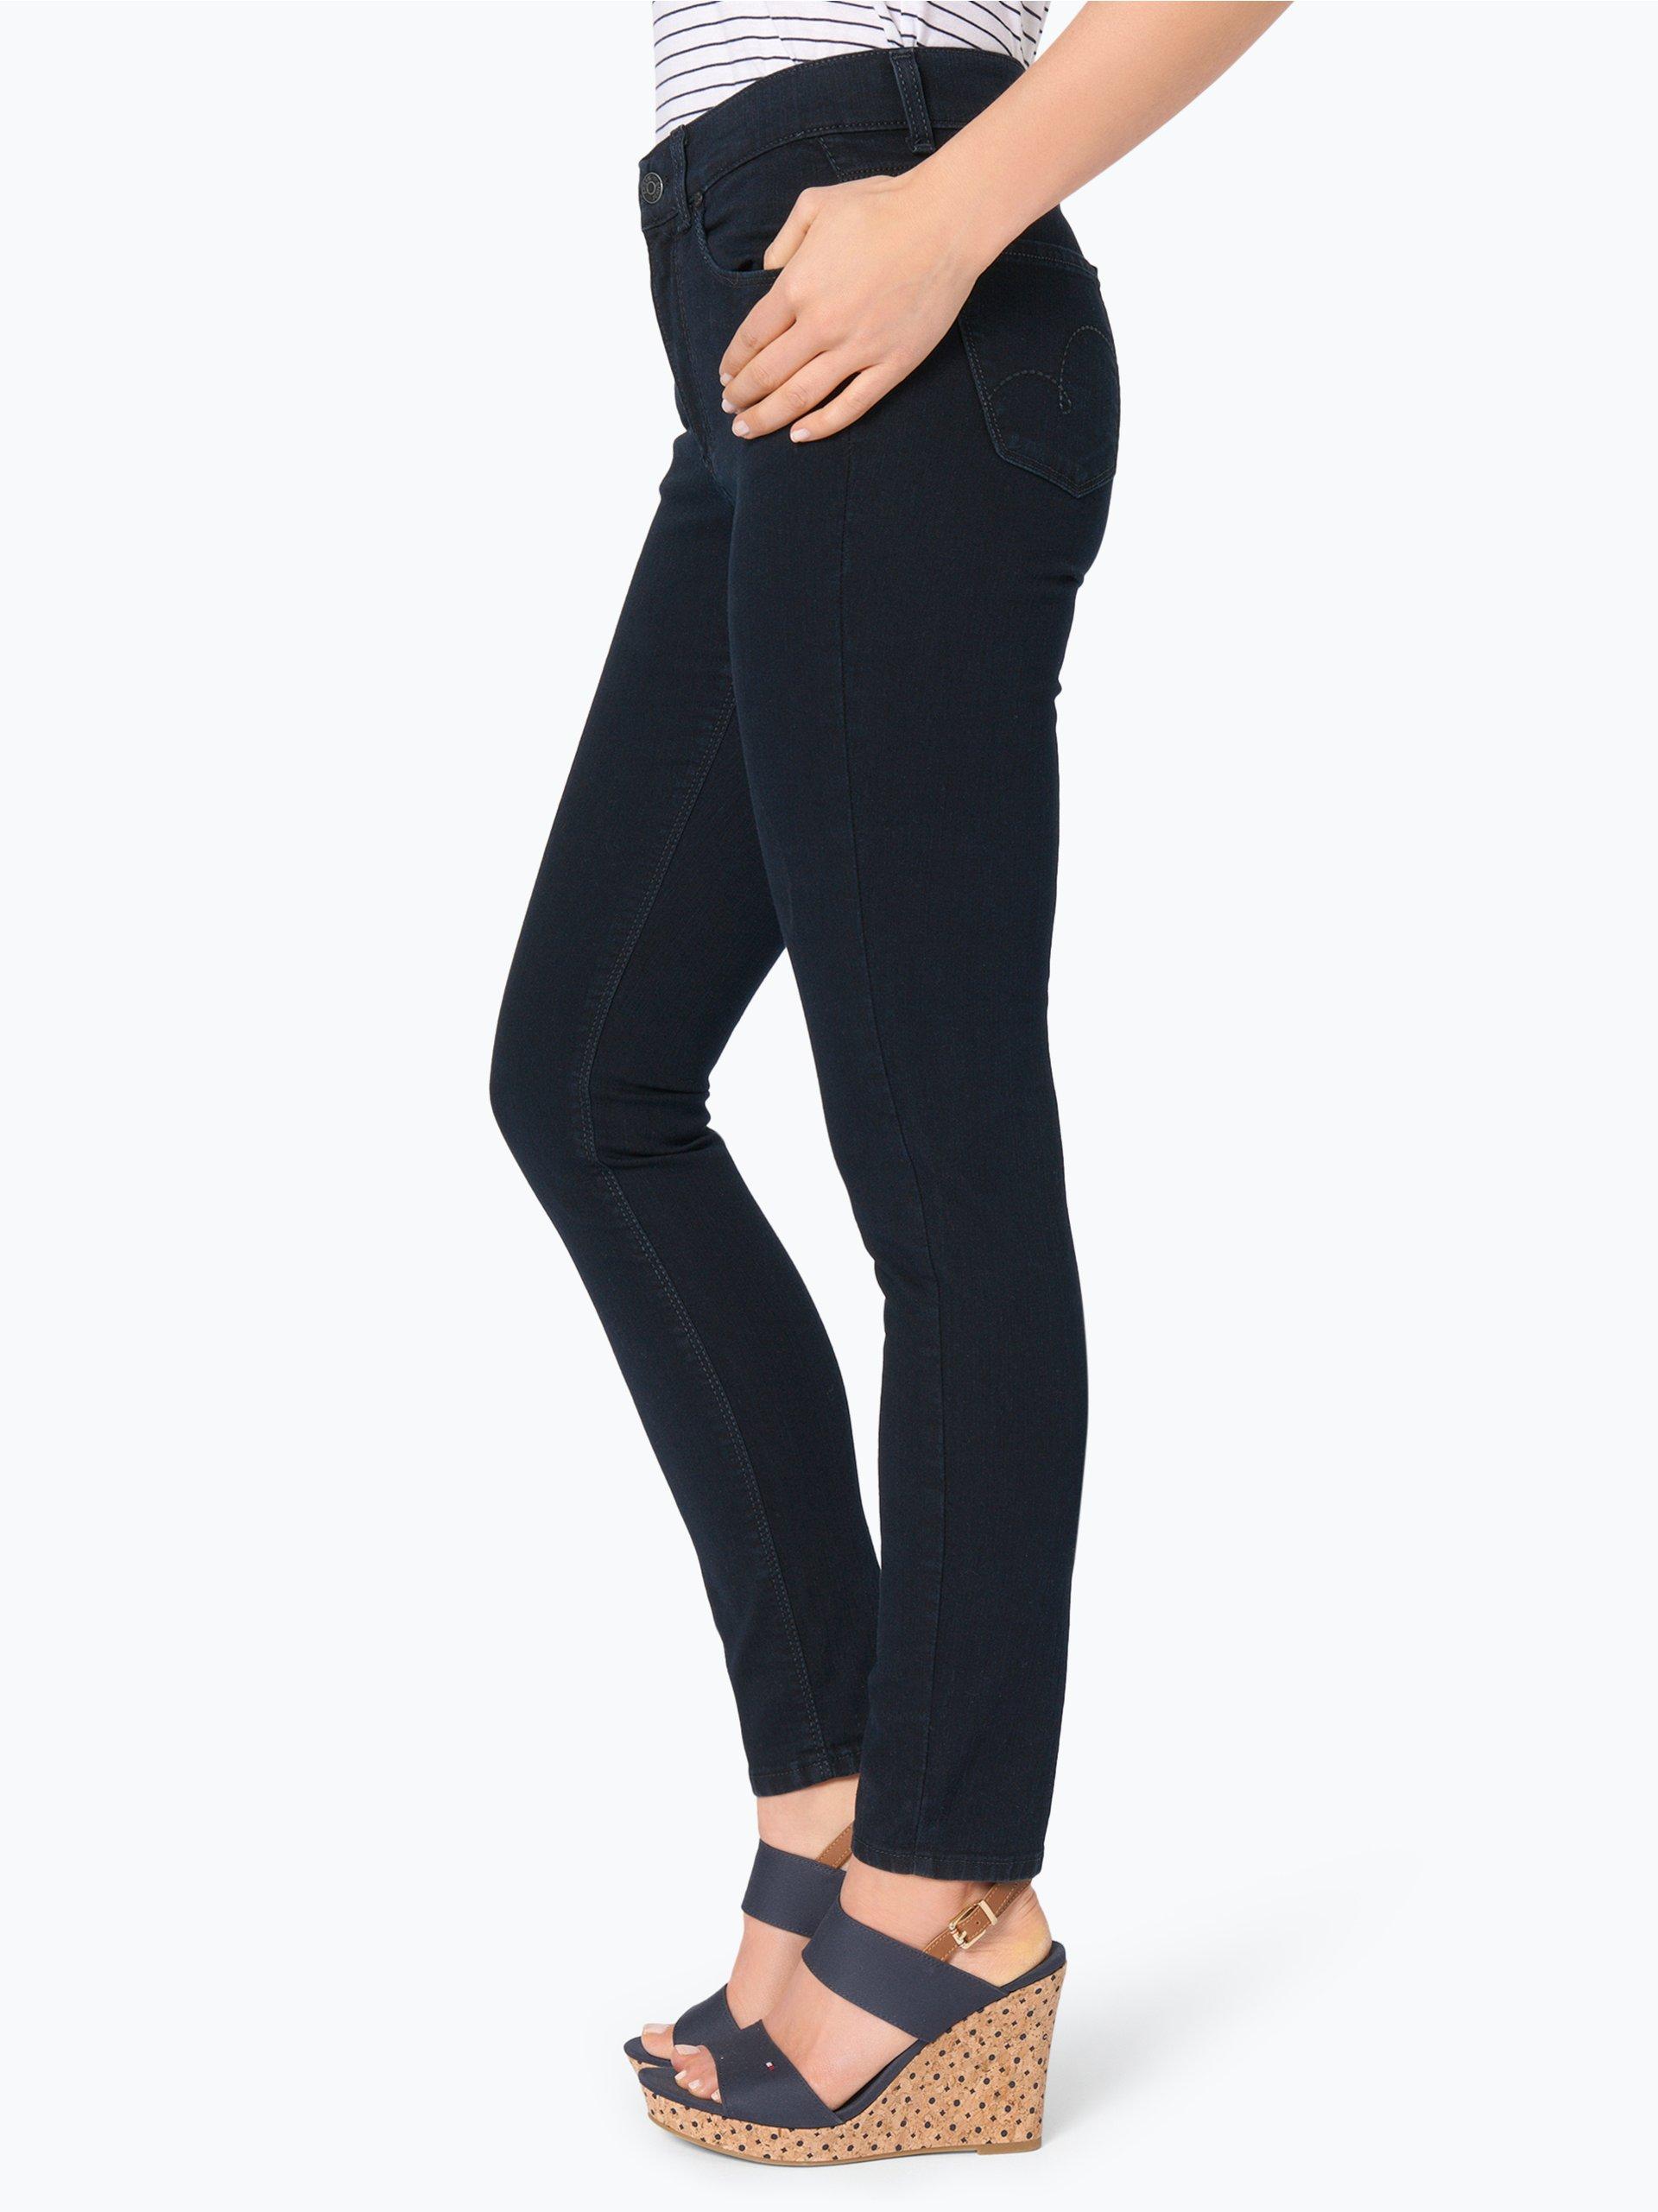 angels damen jeans skinny kurzgr e 2 online kaufen. Black Bedroom Furniture Sets. Home Design Ideas